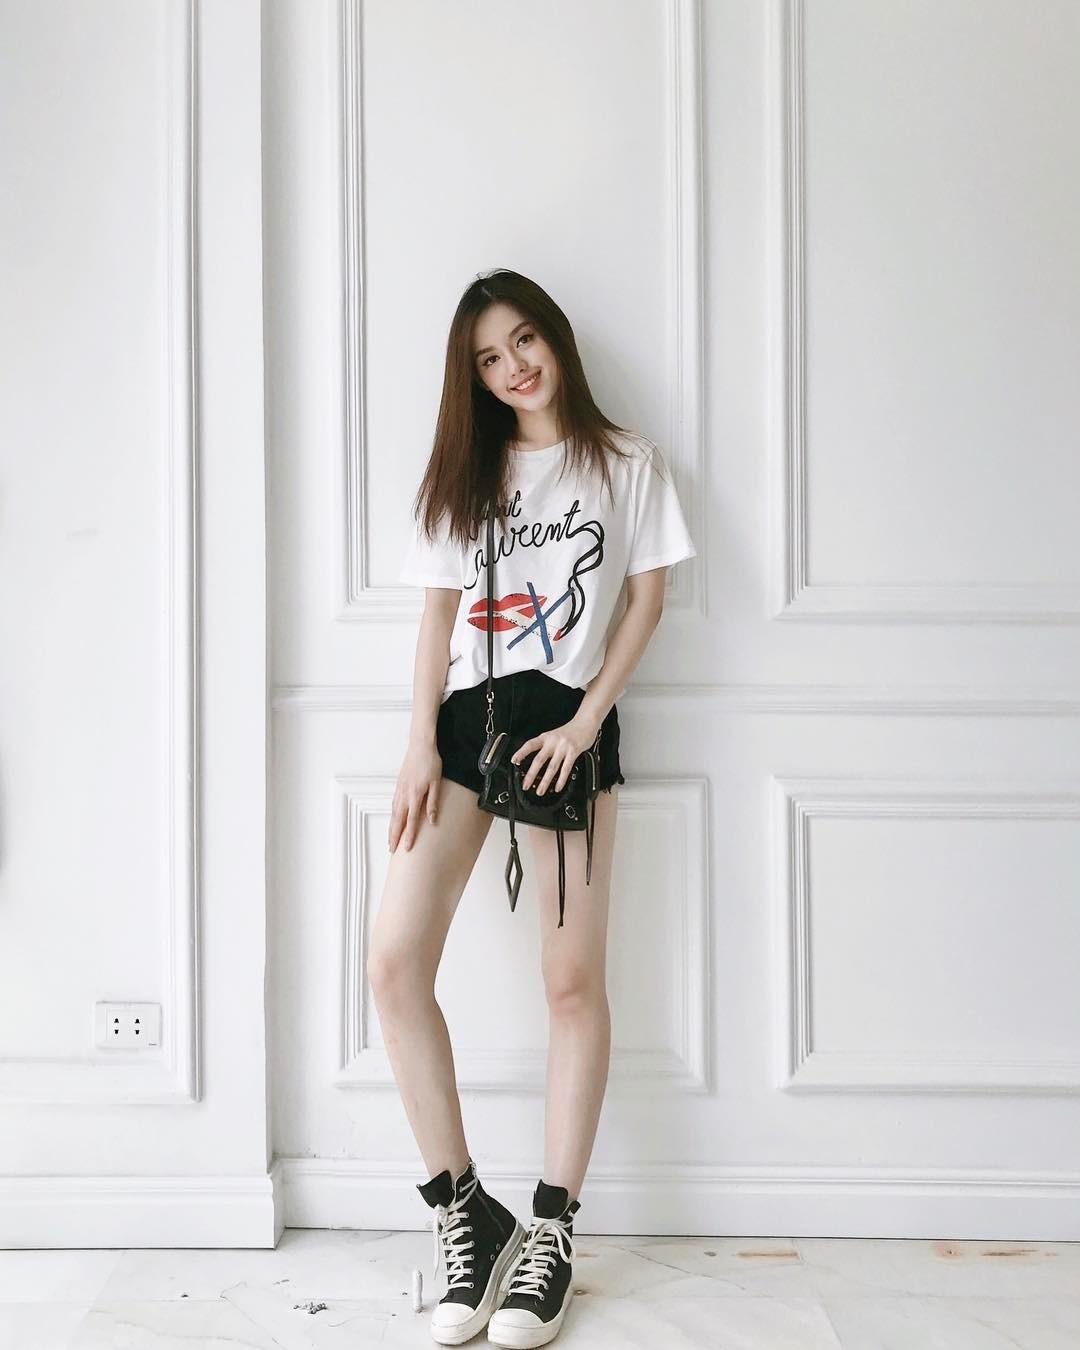 Quanh đi quẩn lại, đây vẫn là 3 kiểu áo phông được con gái Việt mê nhất - Ảnh 10.